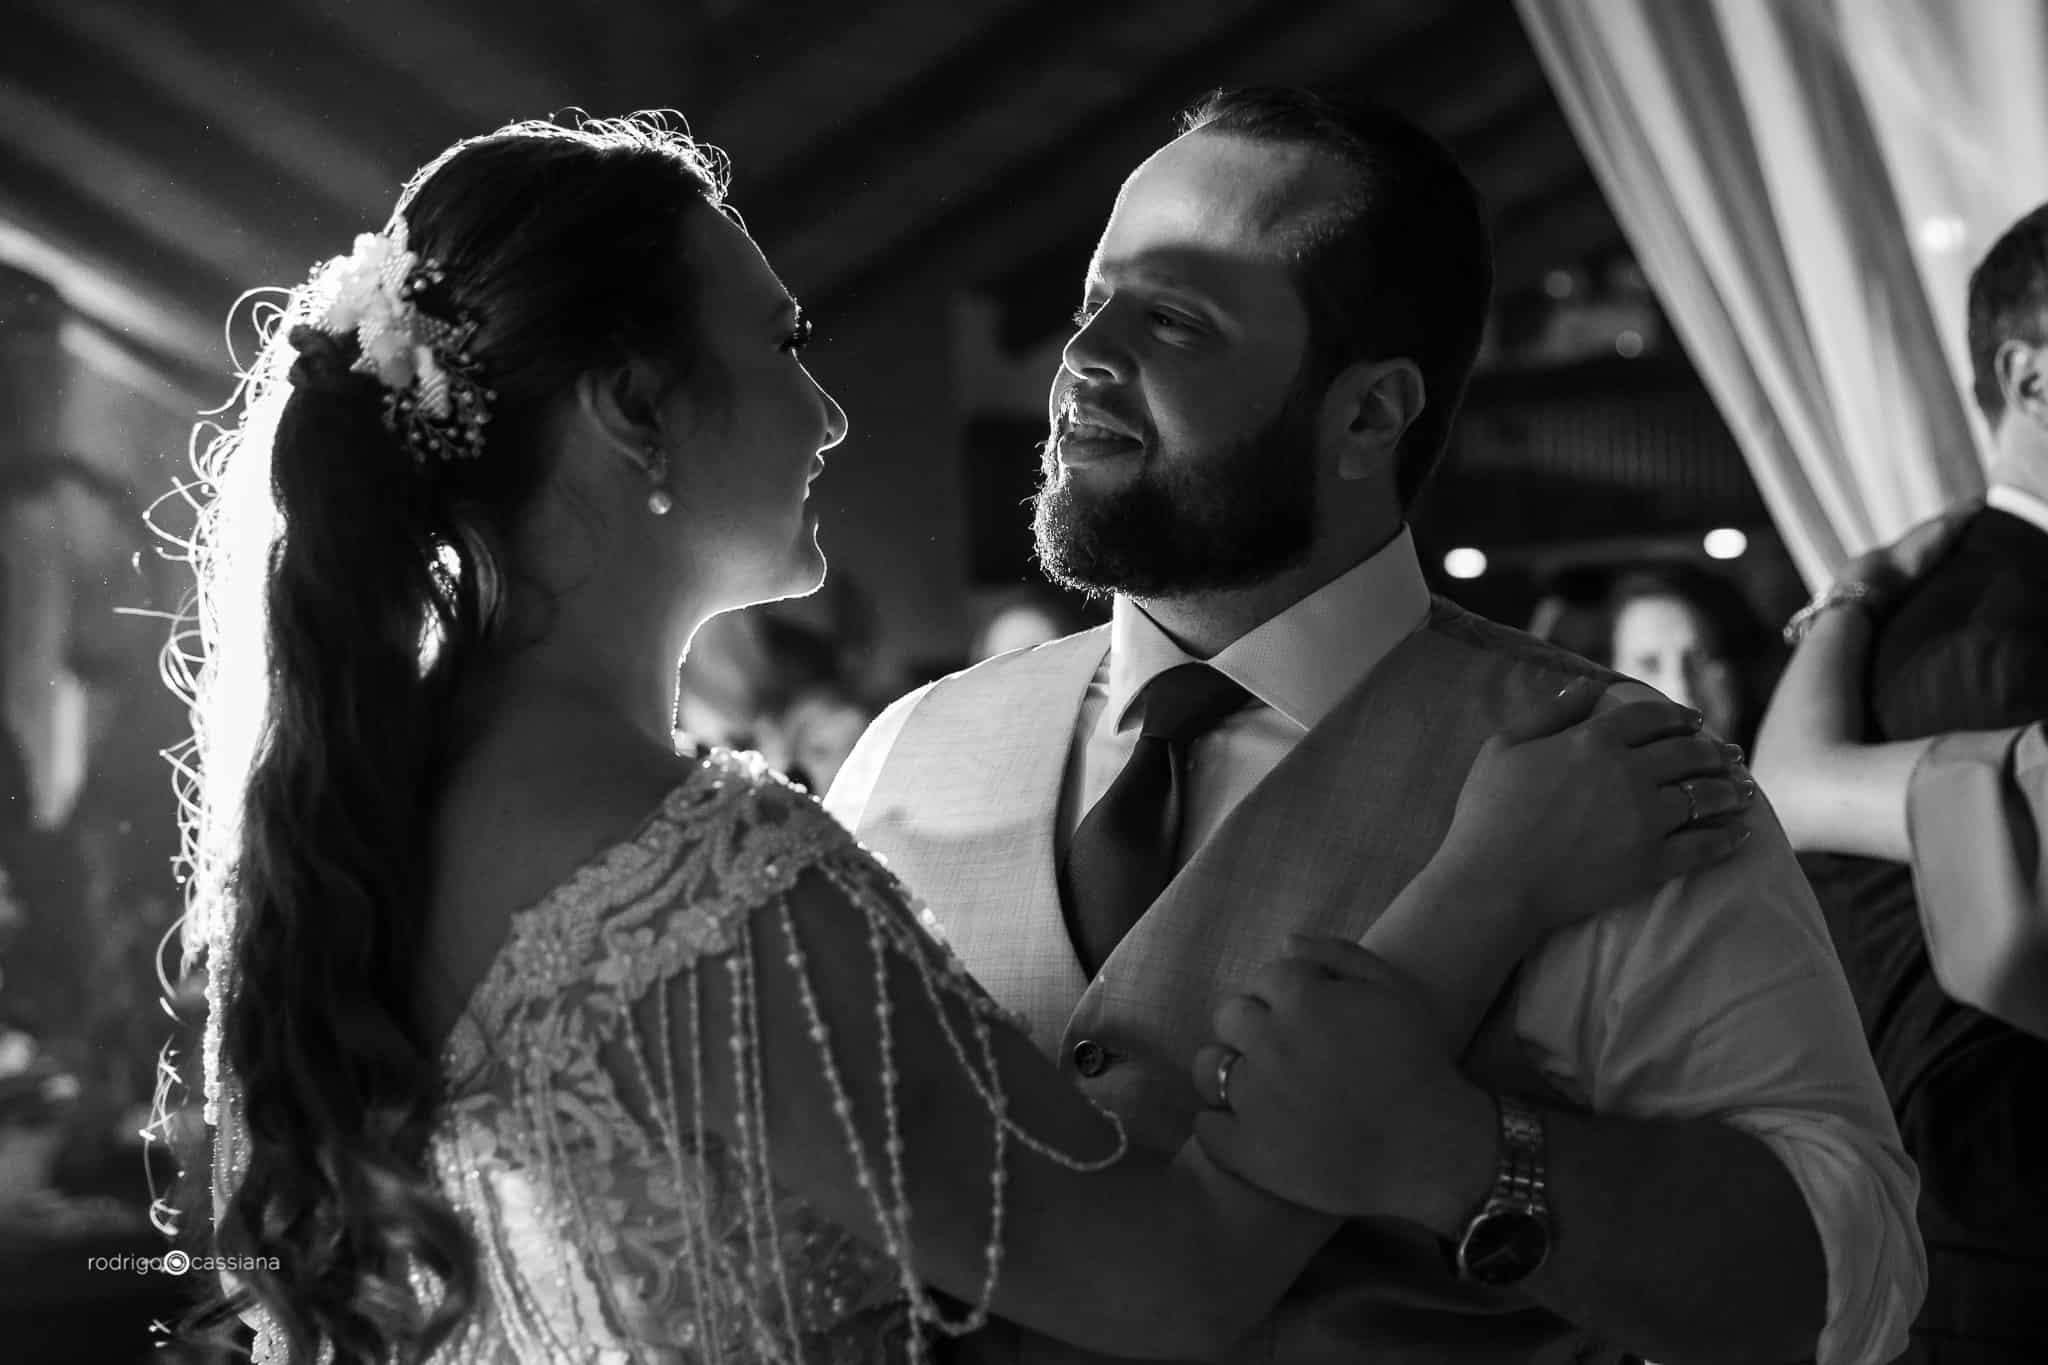 © Rodrigo e Cassiana